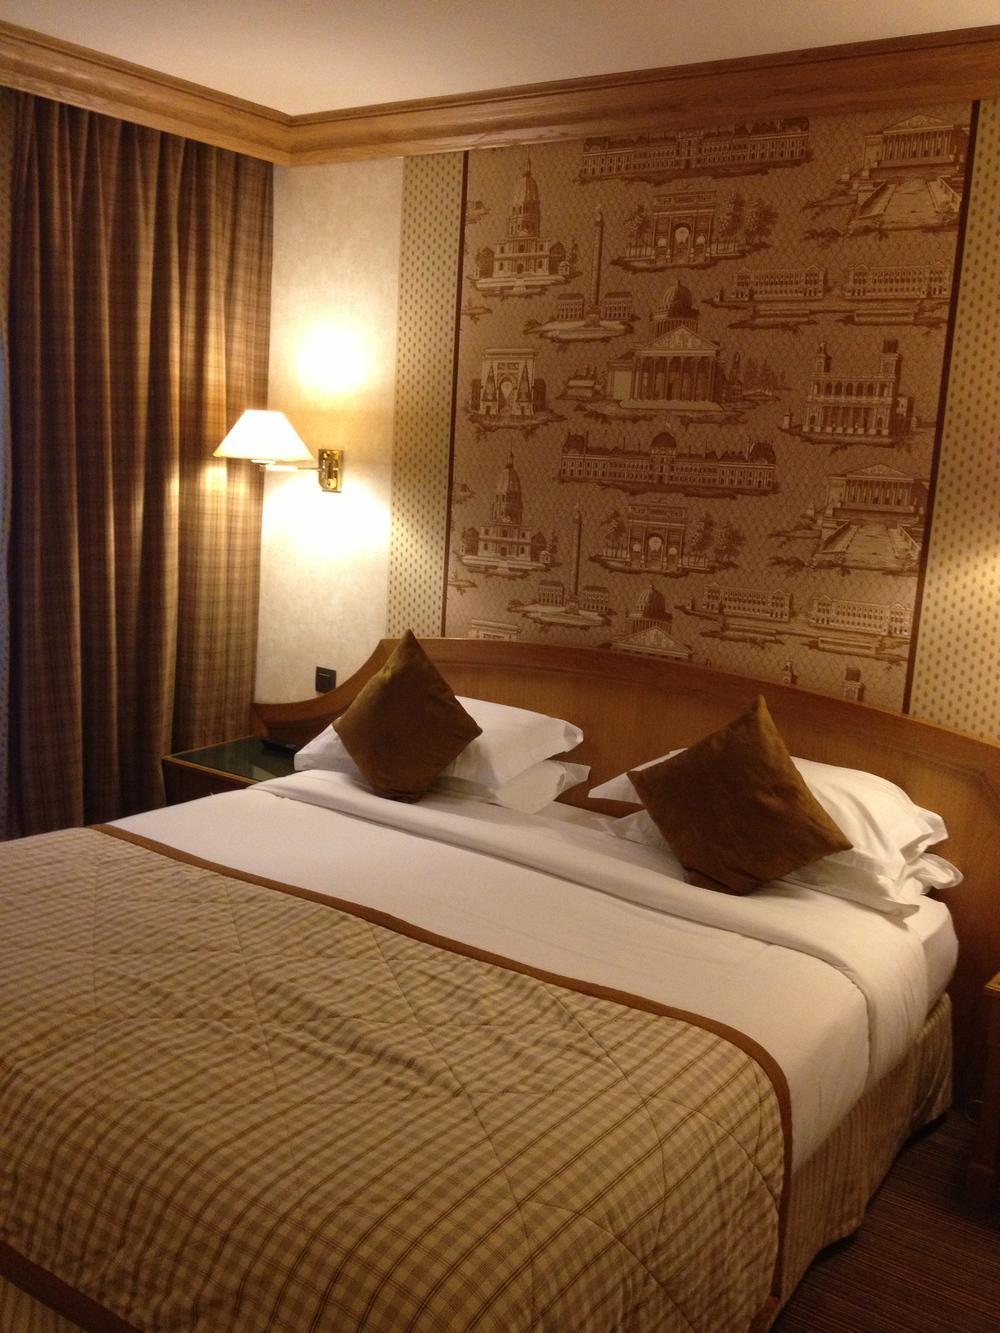 Hotel L'Horset ... just off Avenue De L'Opera ... not a bad room, non?